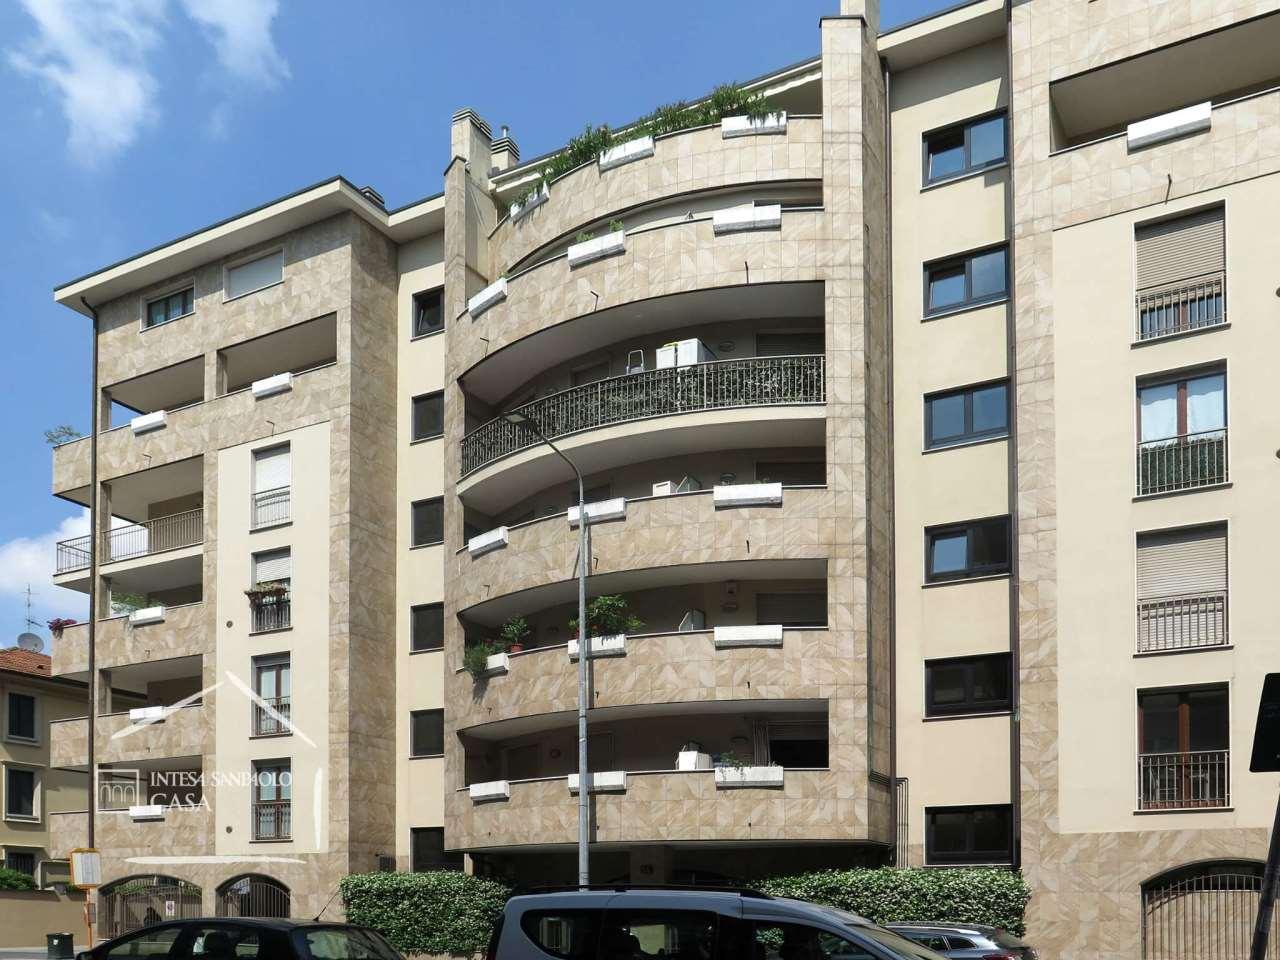 Attico in Vendita a Milano: 4 locali, 145 mq